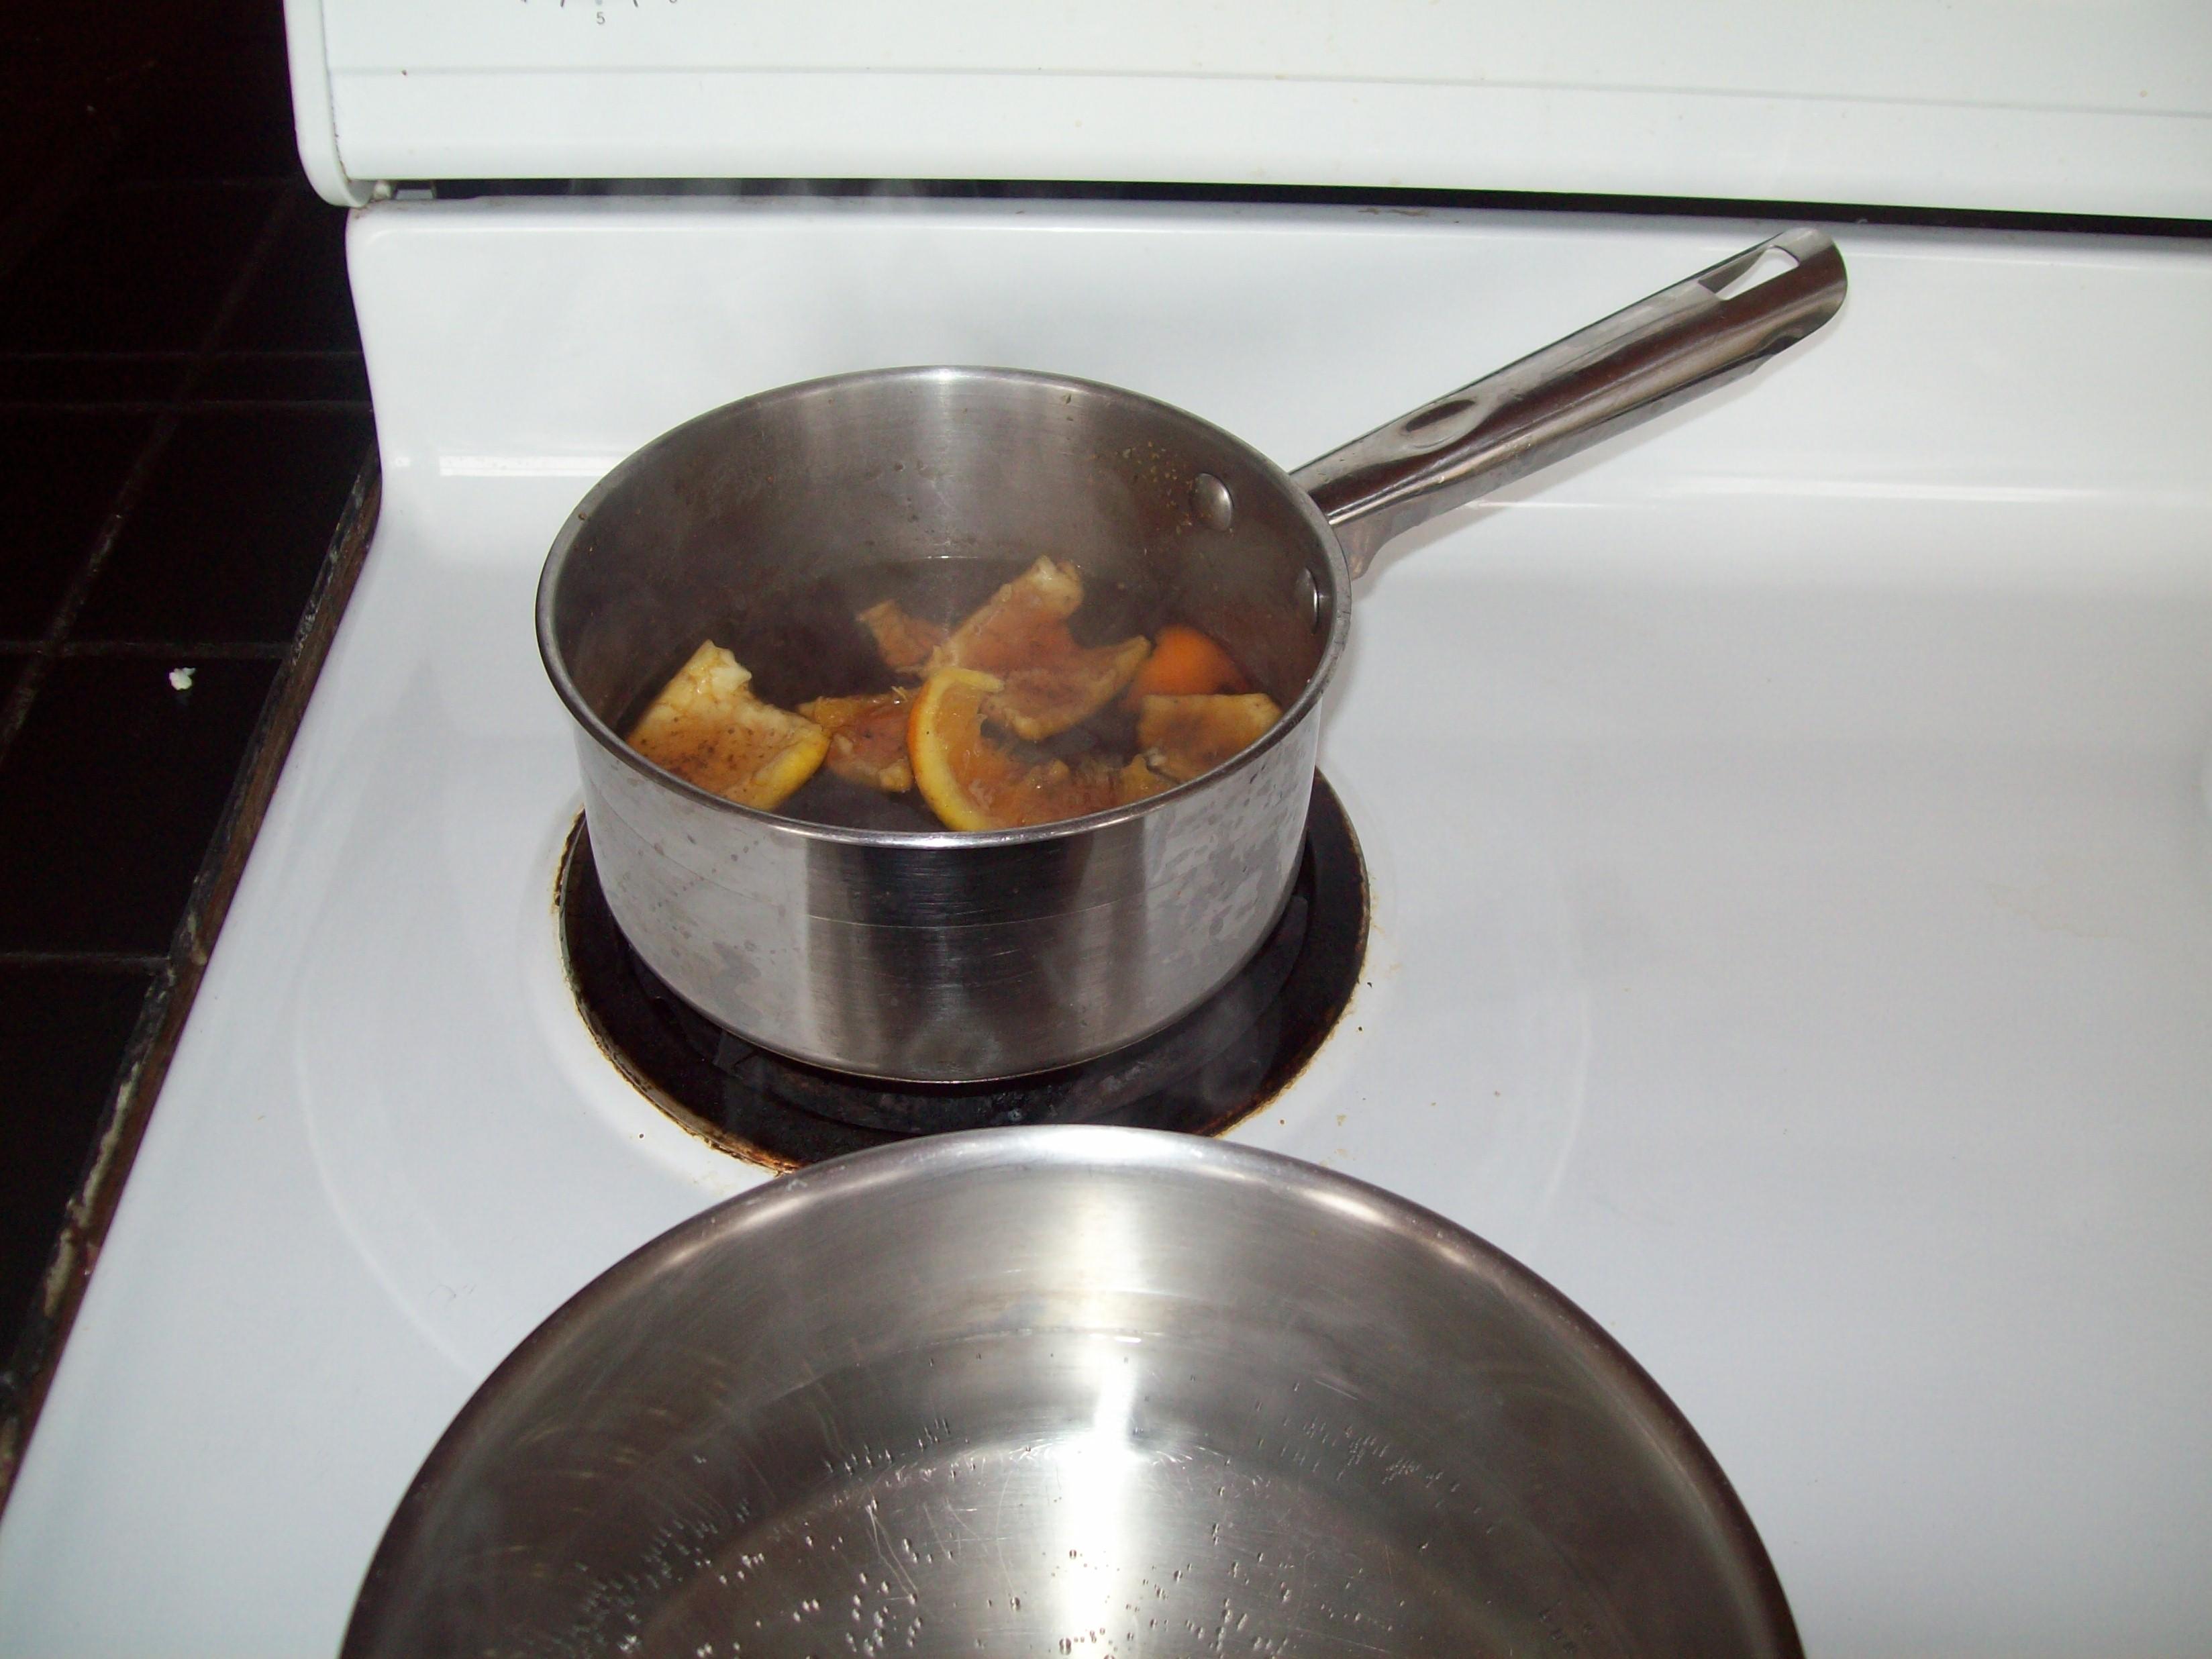 Air Freshener - Cloves, Cinnamon Sticks, Leftover Orange Peels